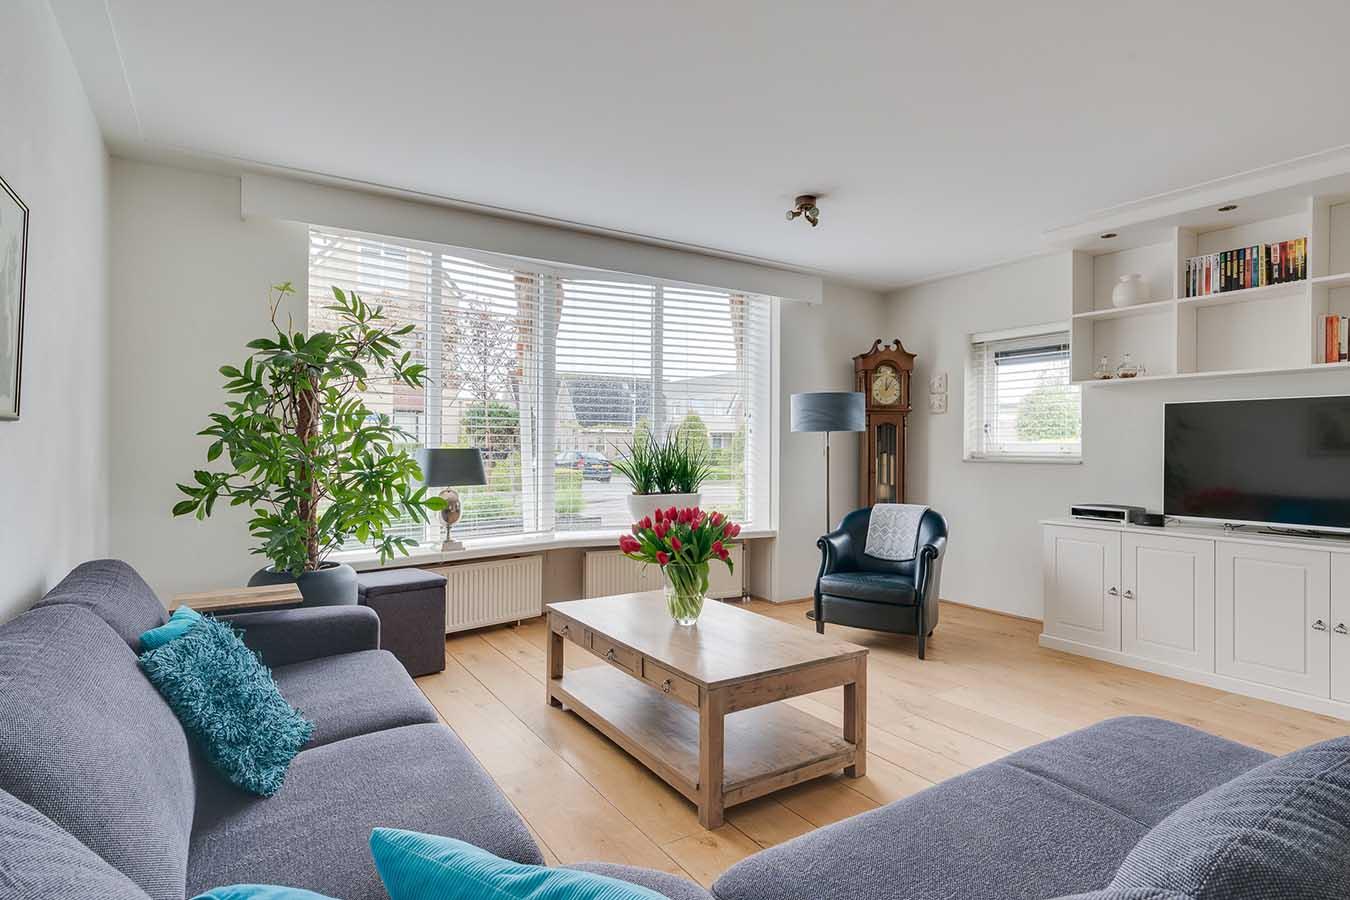 Foto van woonkamer voor verkoop